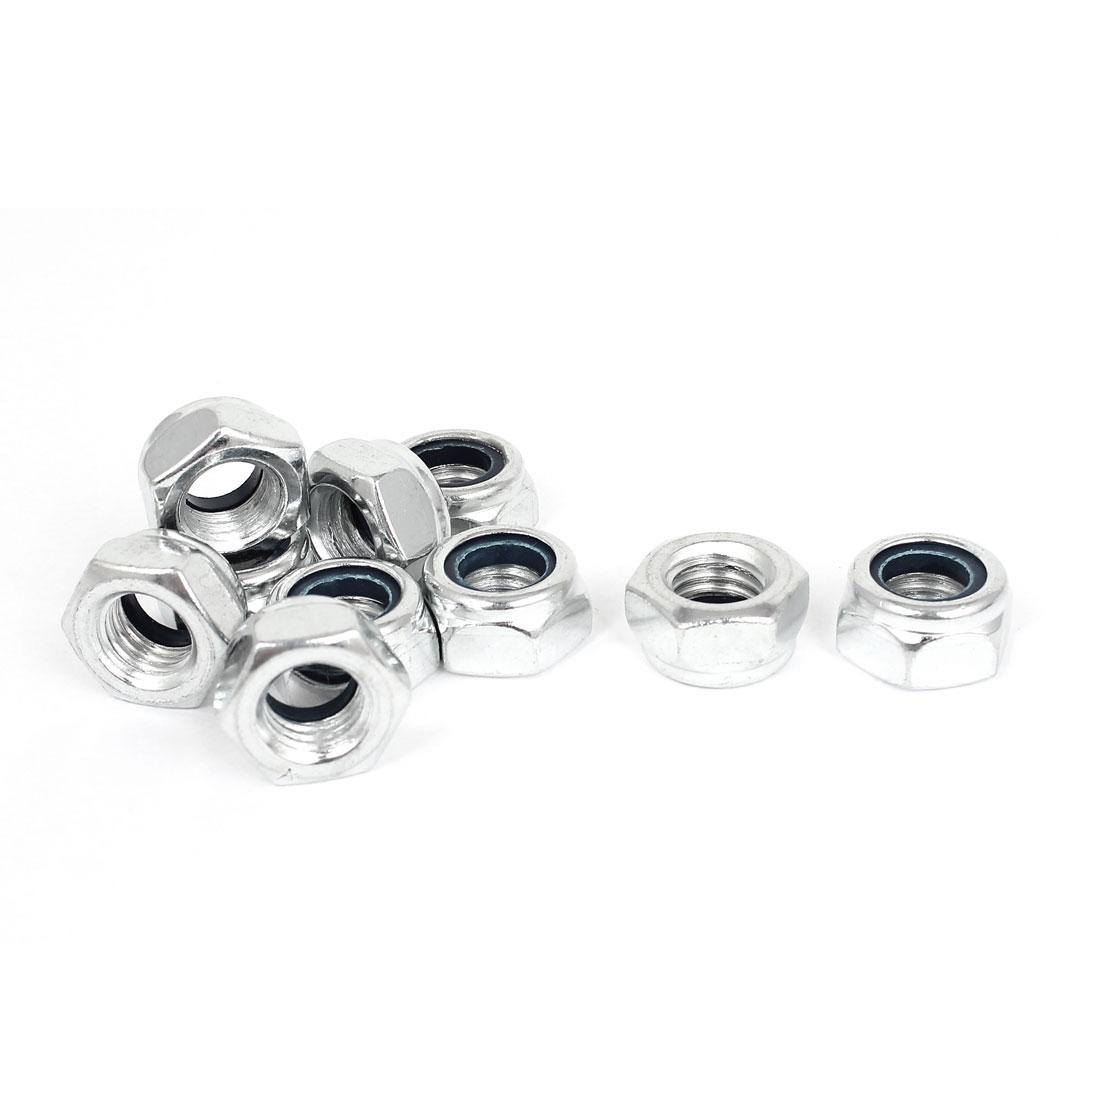 M14 x 2mm Zinc Plated Nylock Self-Locking Nylon Insert Hex Lock Nuts 10pcs